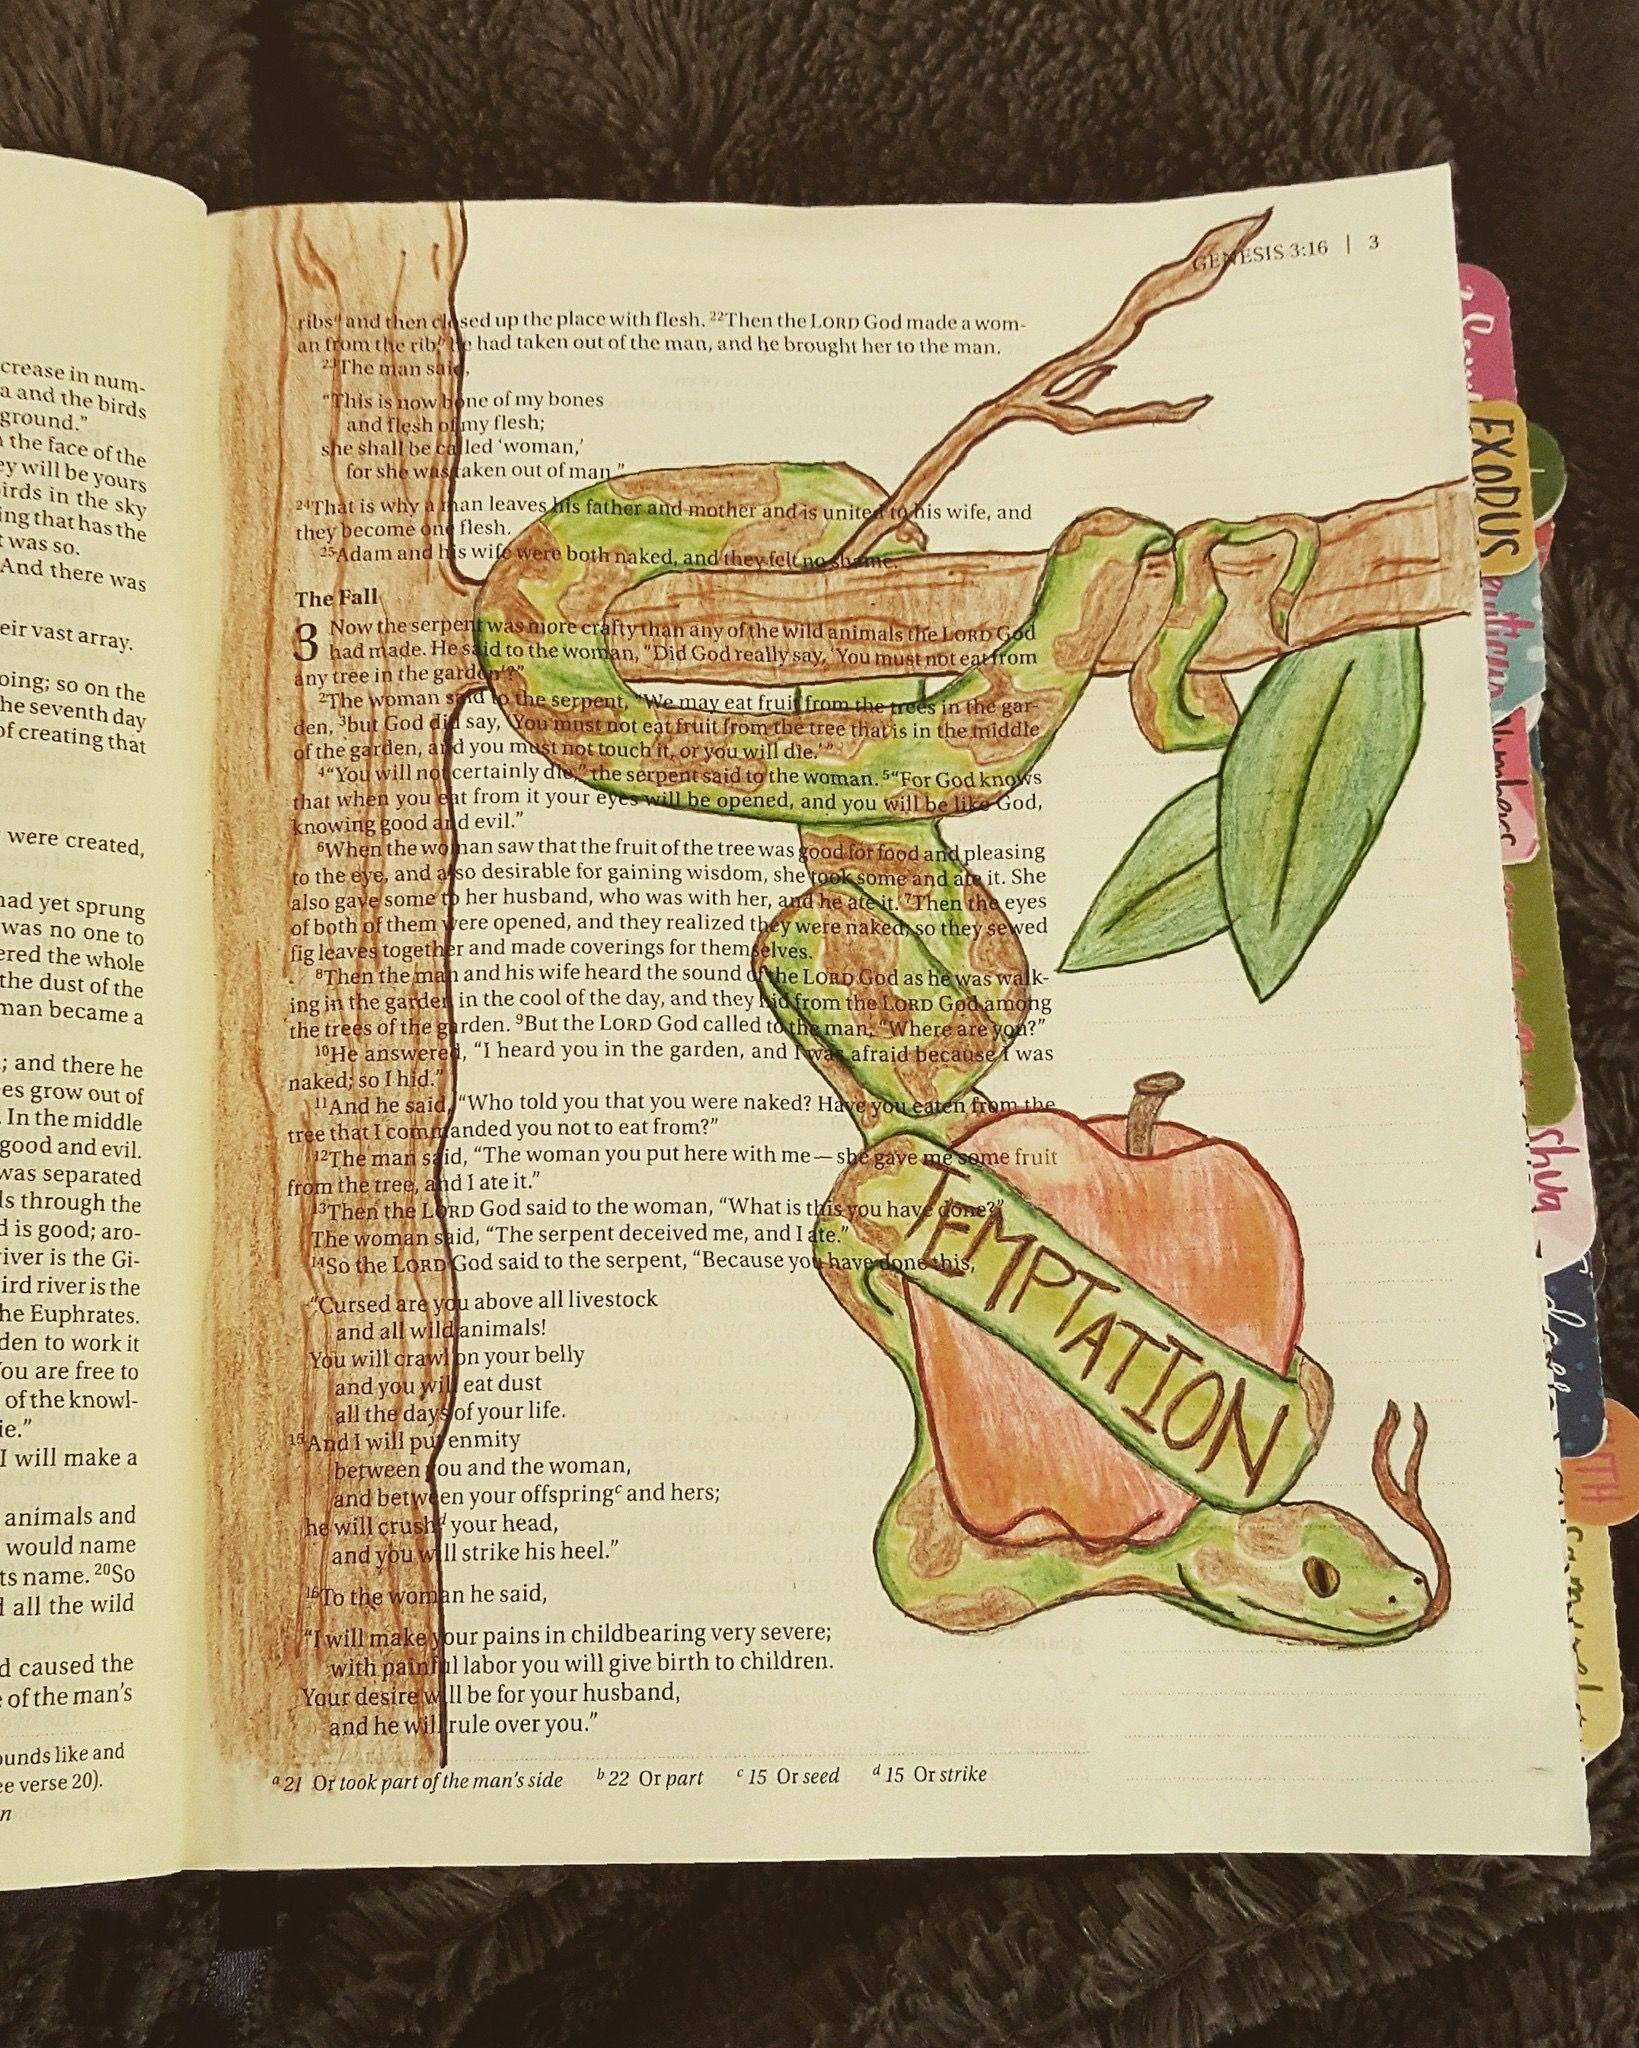 épinglé par Chelle Montrond sur Bible journaling